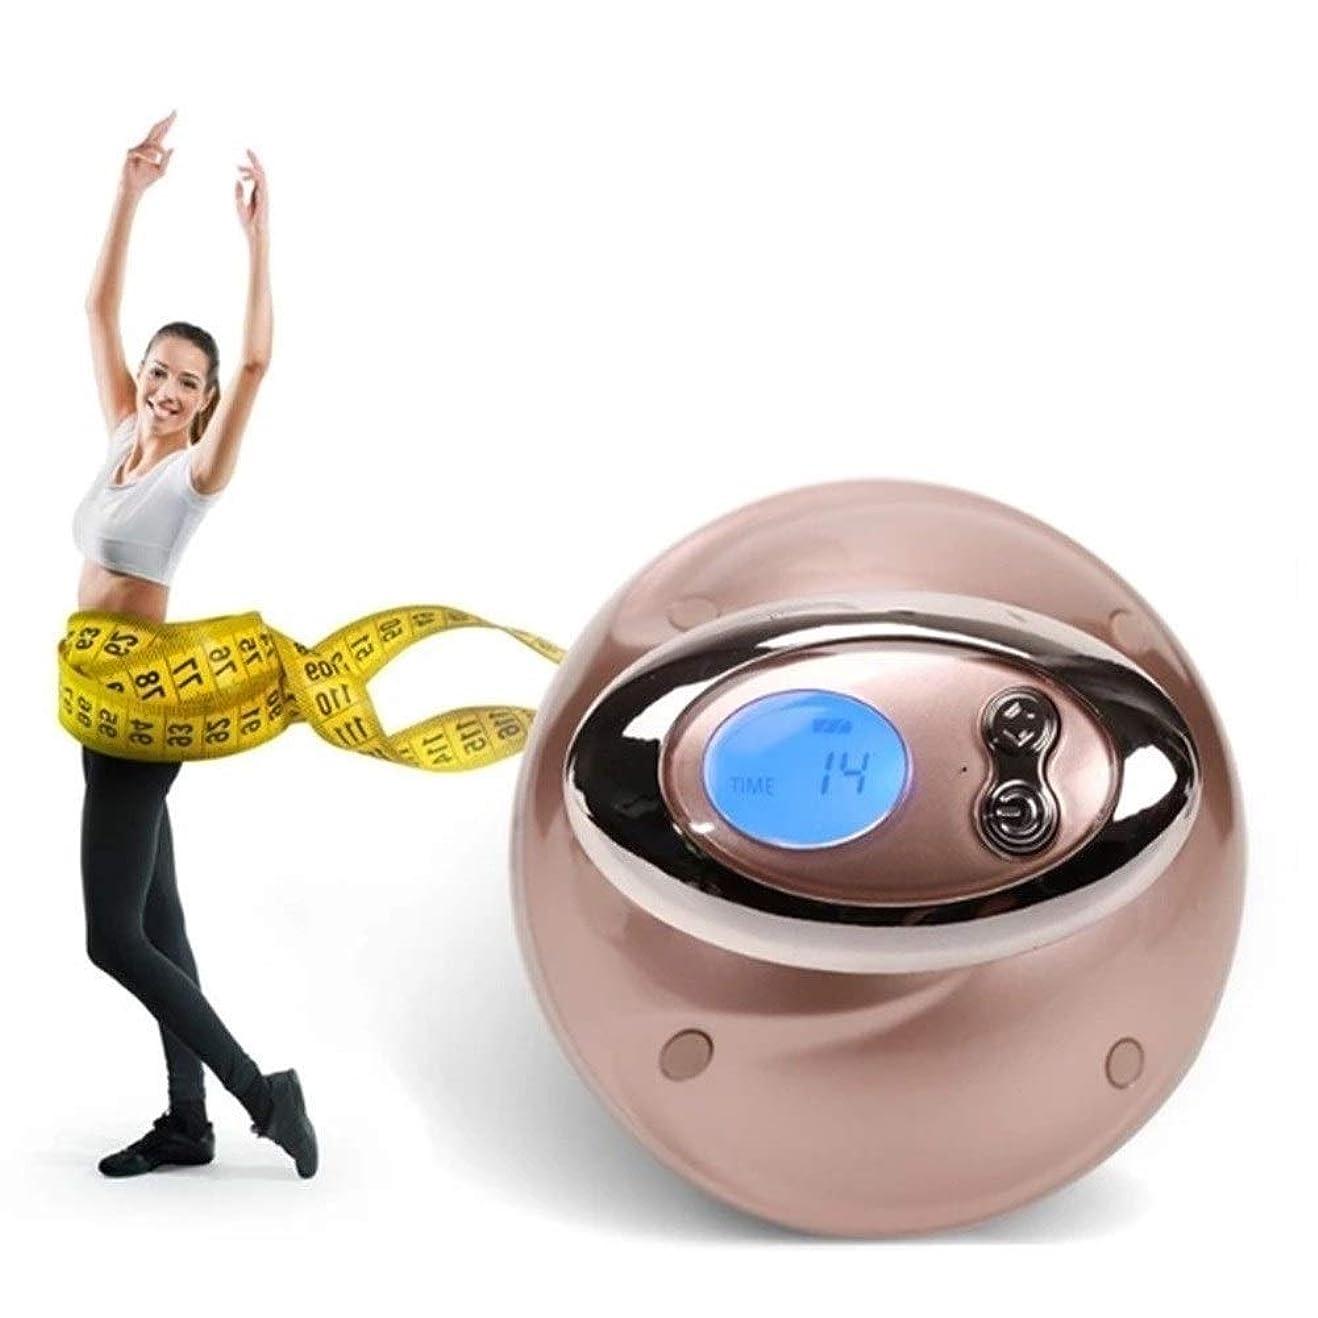 遊具統治する表現腕の腹部の下であなたの足を形づけるための携帯用形付けのメッセージの周波数形付け装置そしてUltrasōnicRFシステム